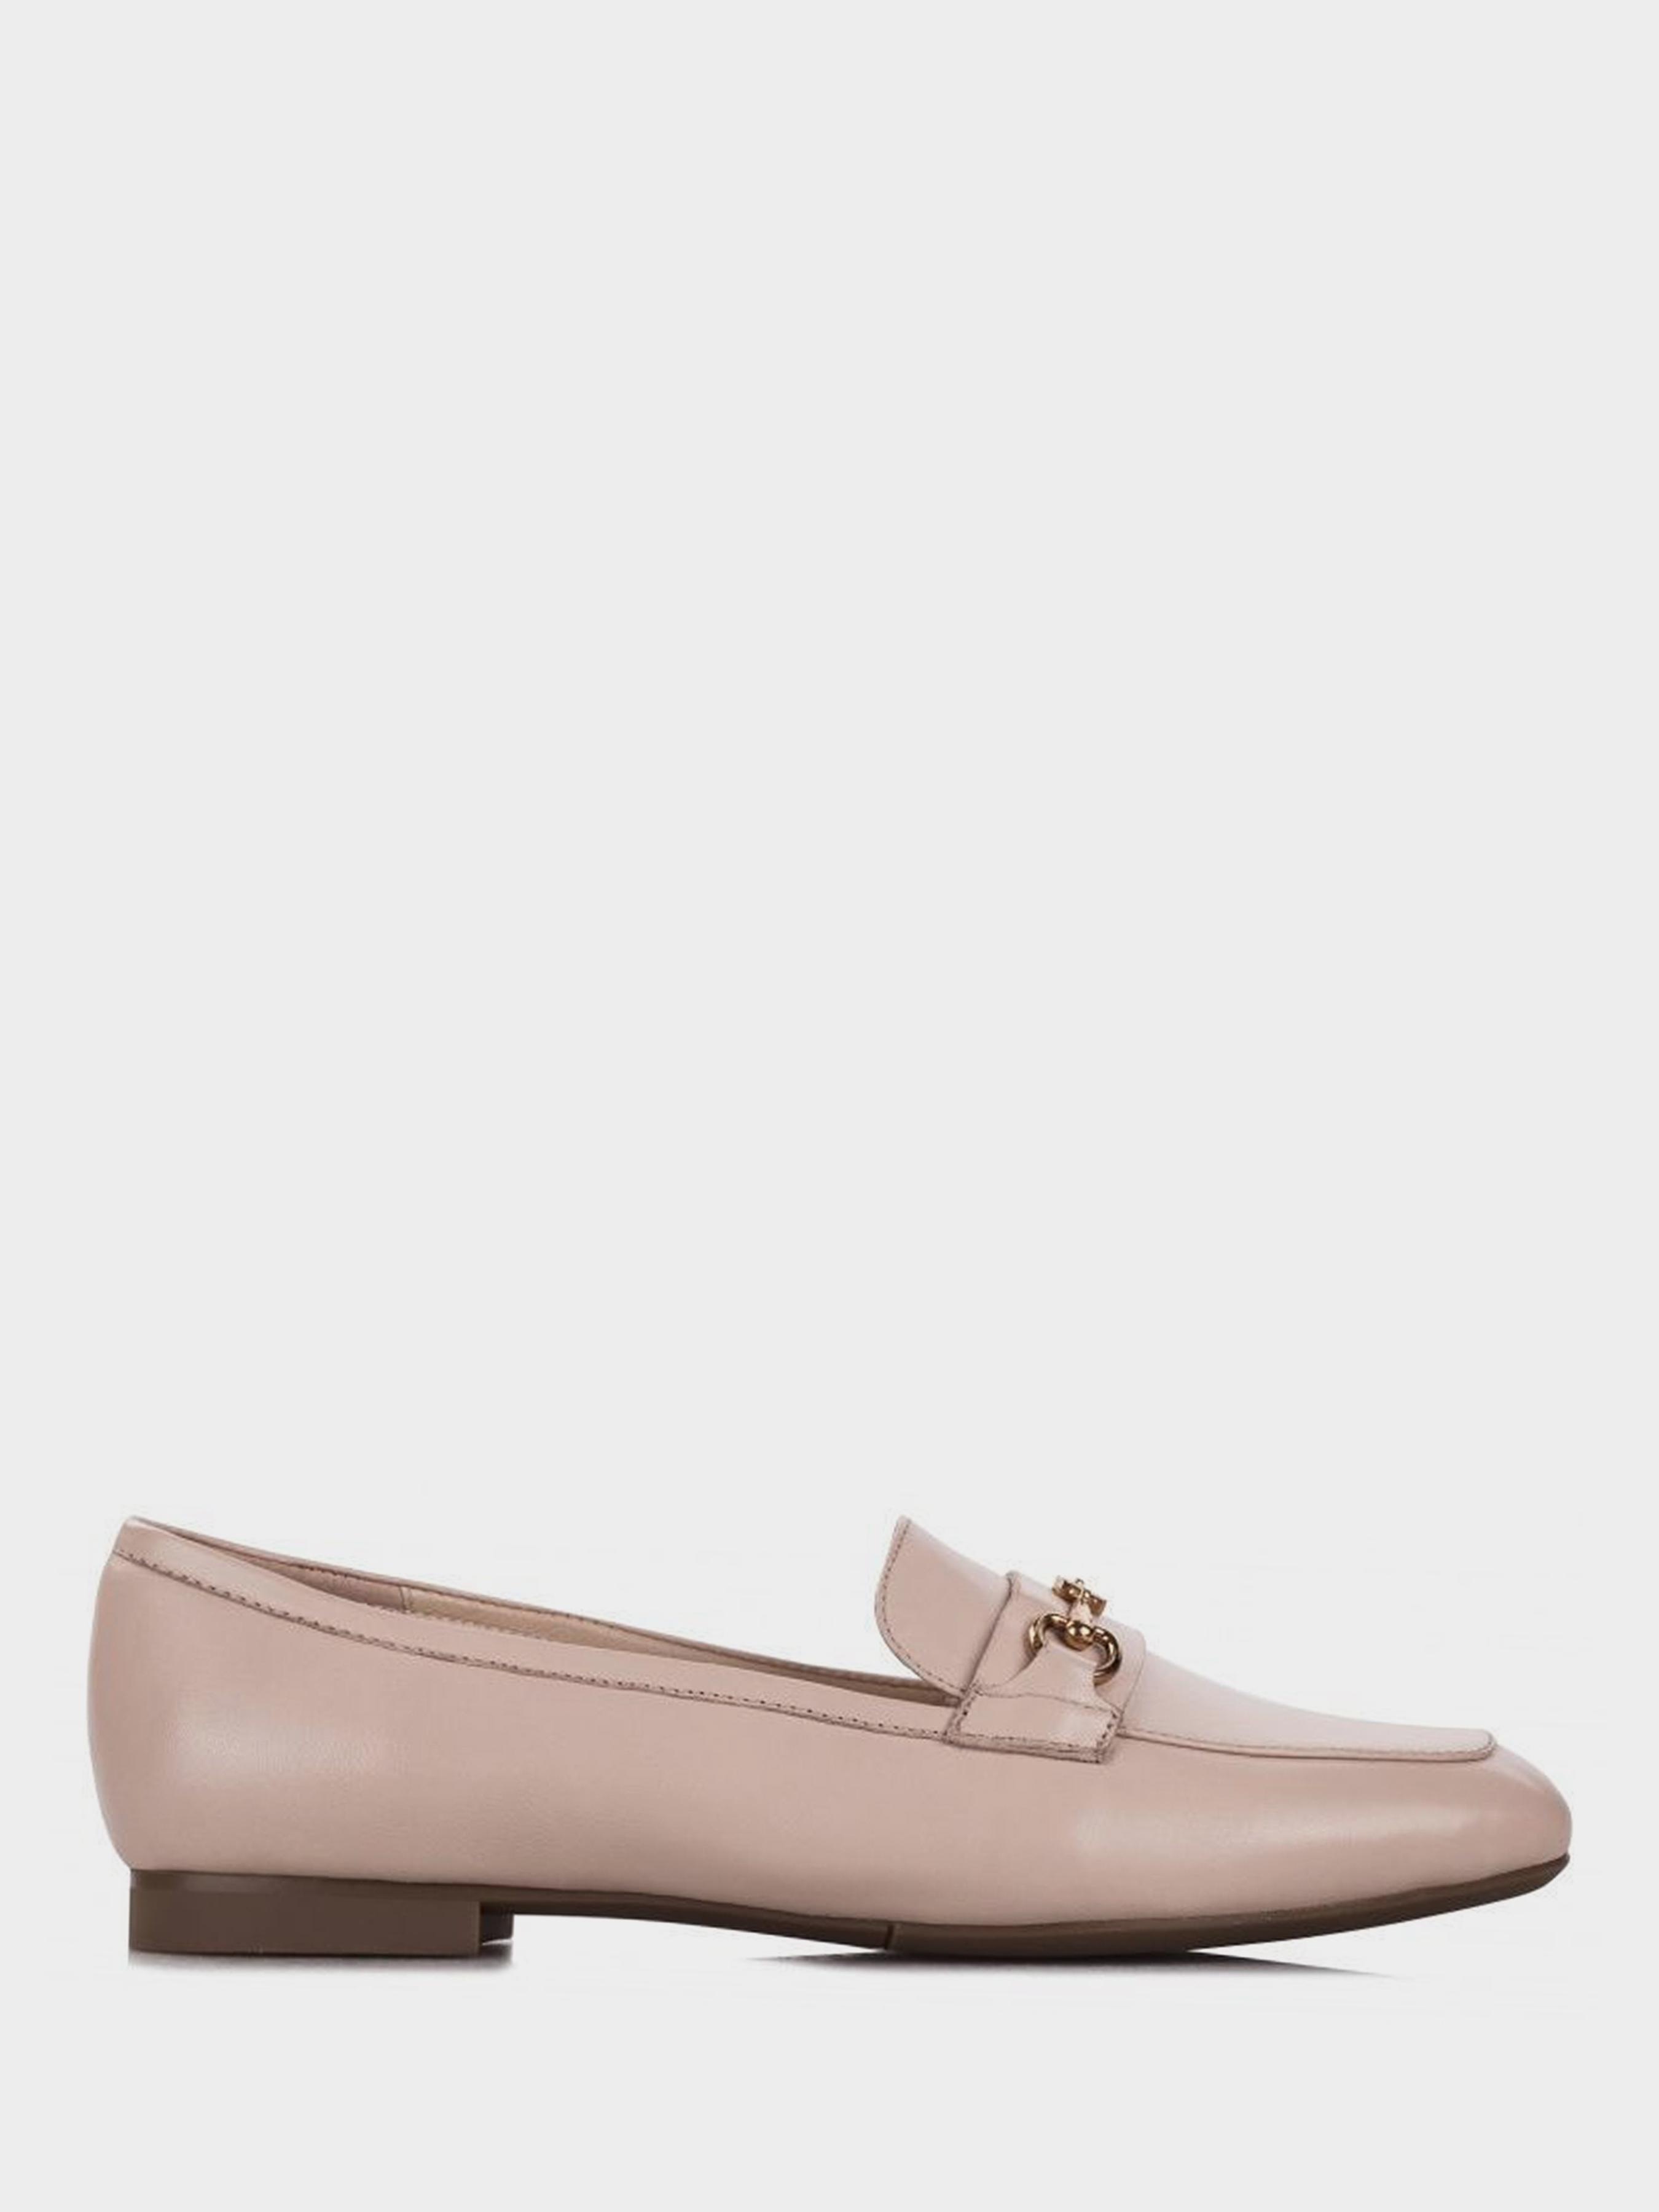 Туфли для женщин Braska туфлі жін.(36-41) BS3136 купить в Интертоп, 2017